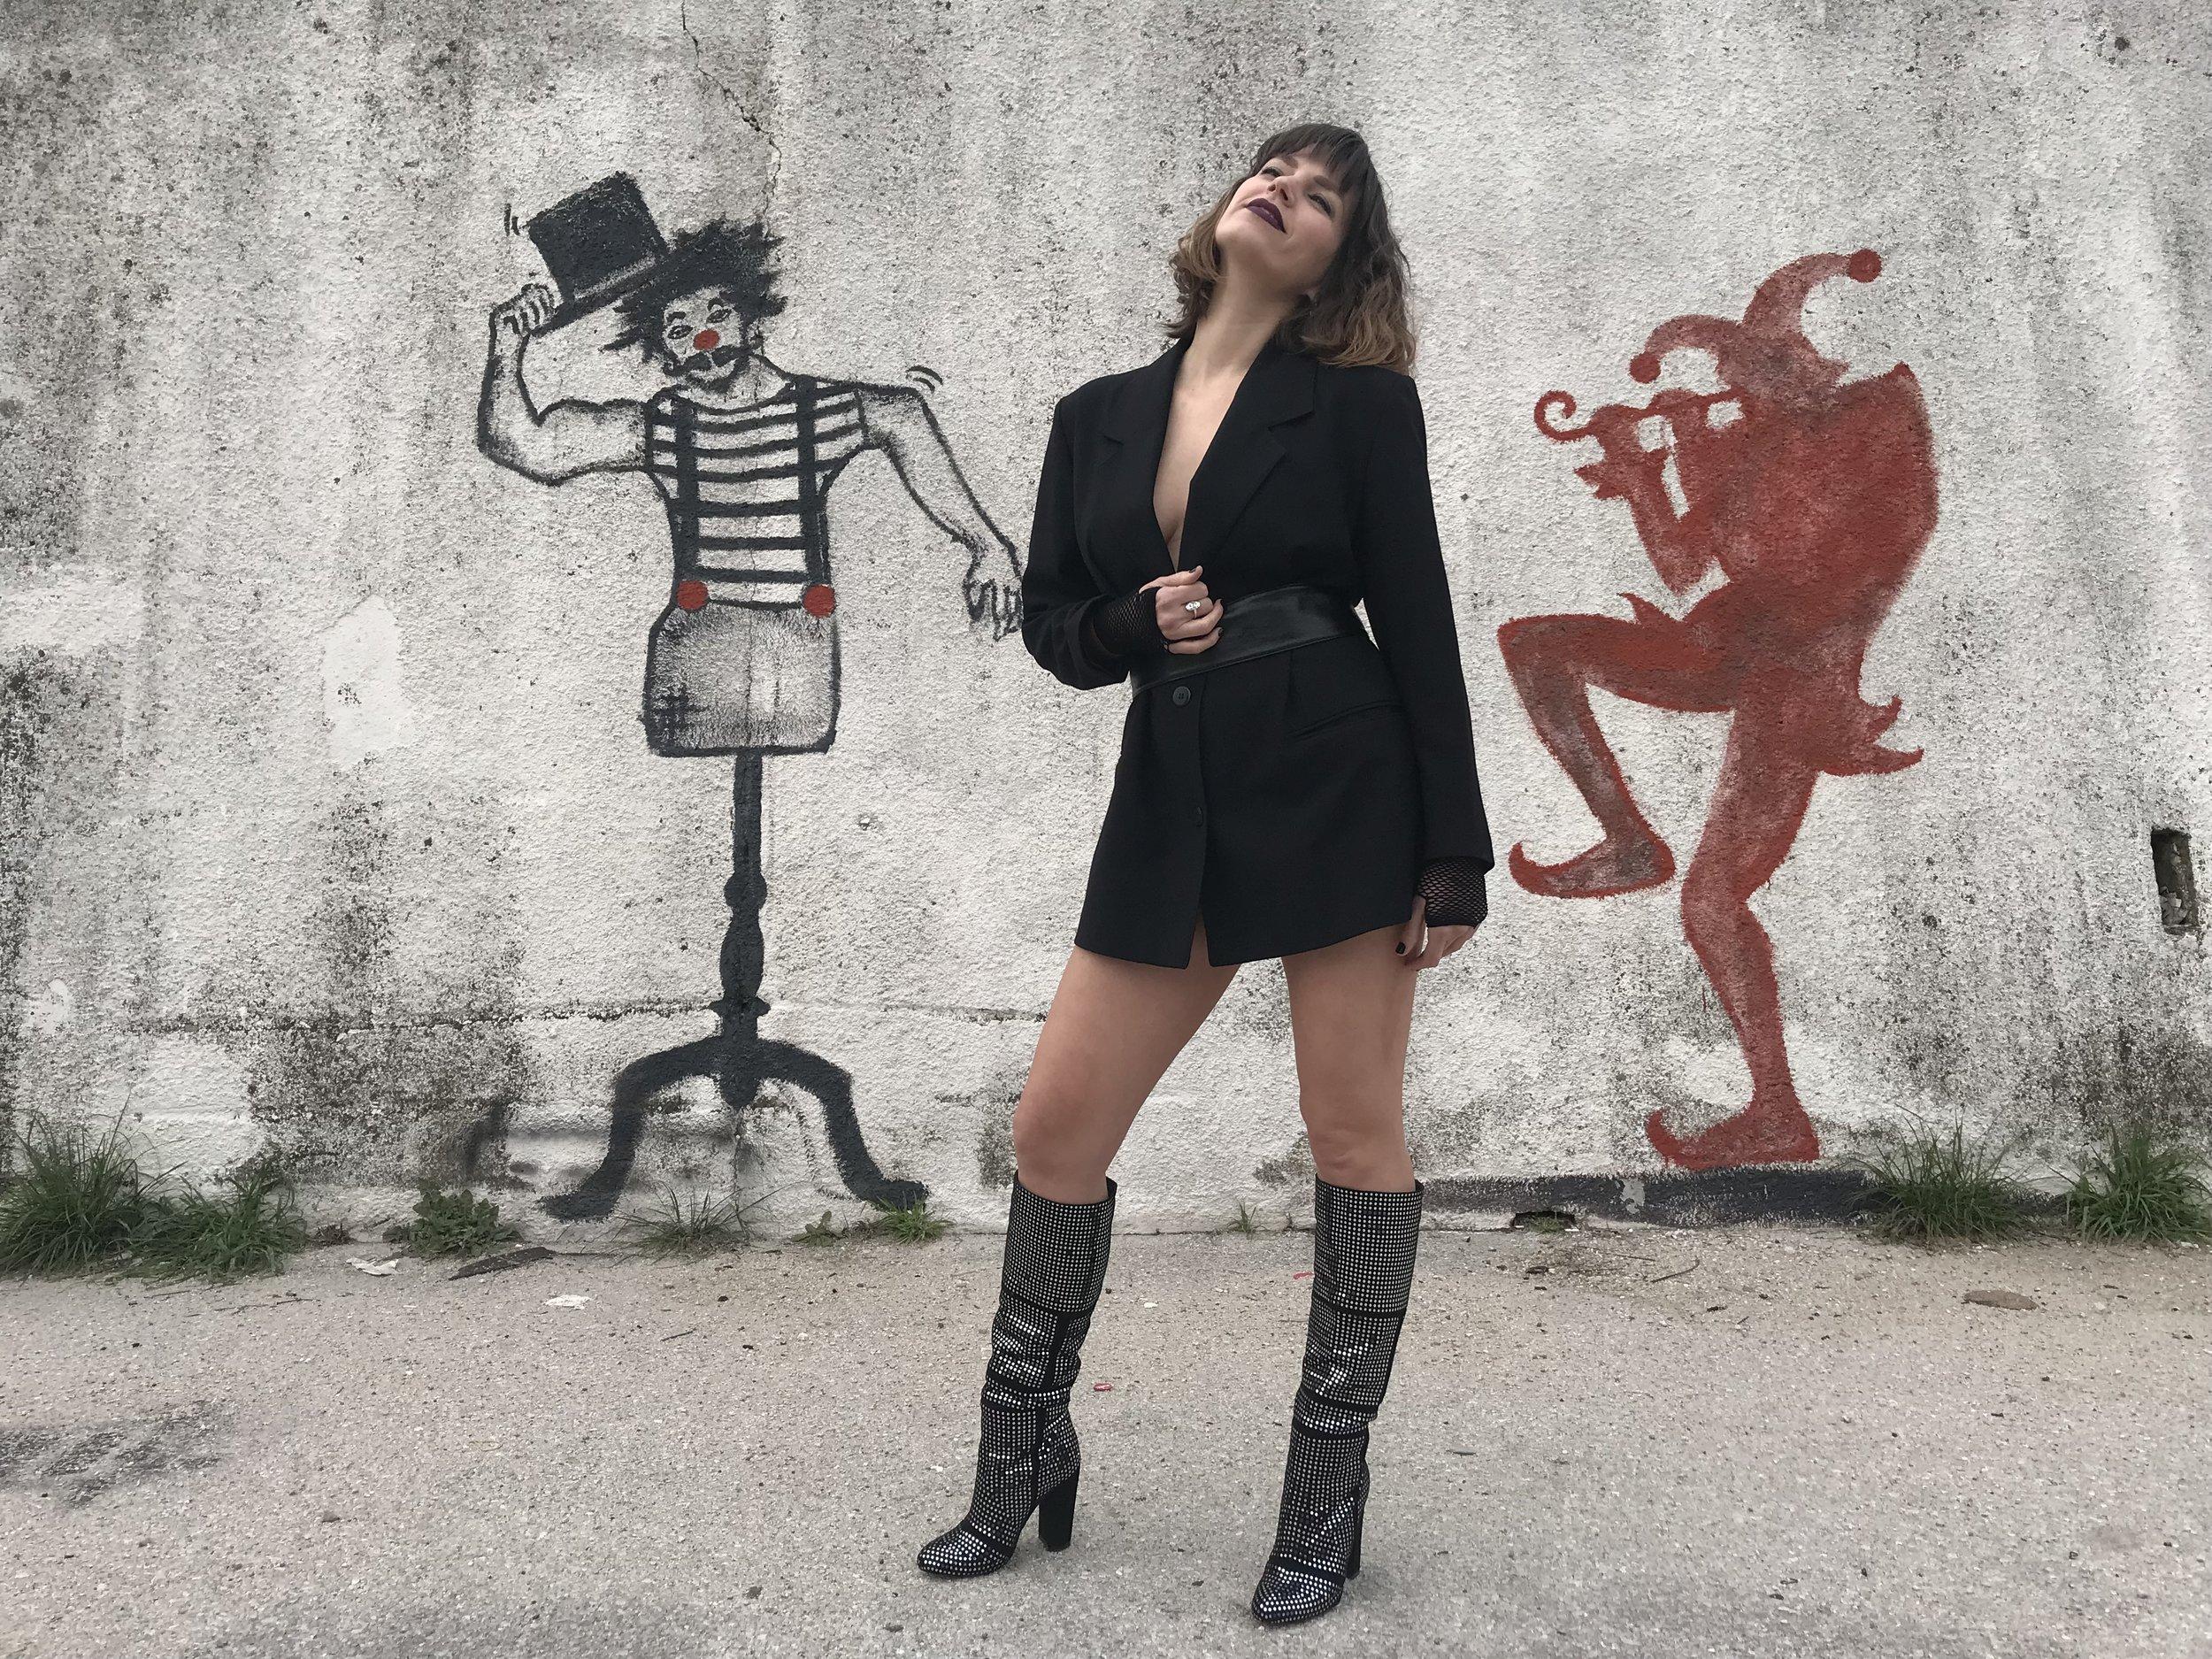 Yves Saint Laurent Inspired